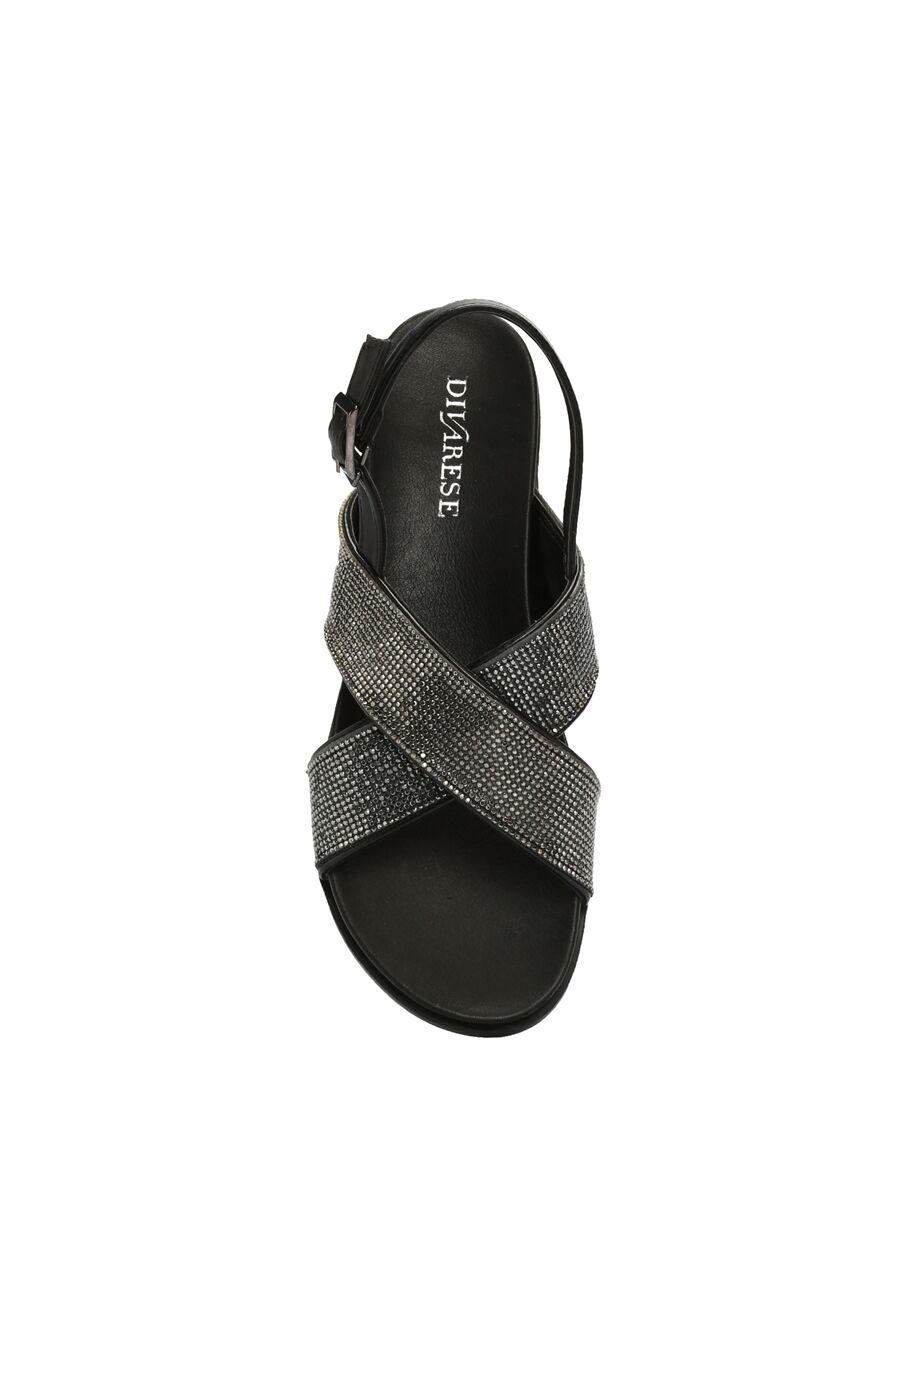 Taşlı Siyah Antrasit Kadın Sandalet